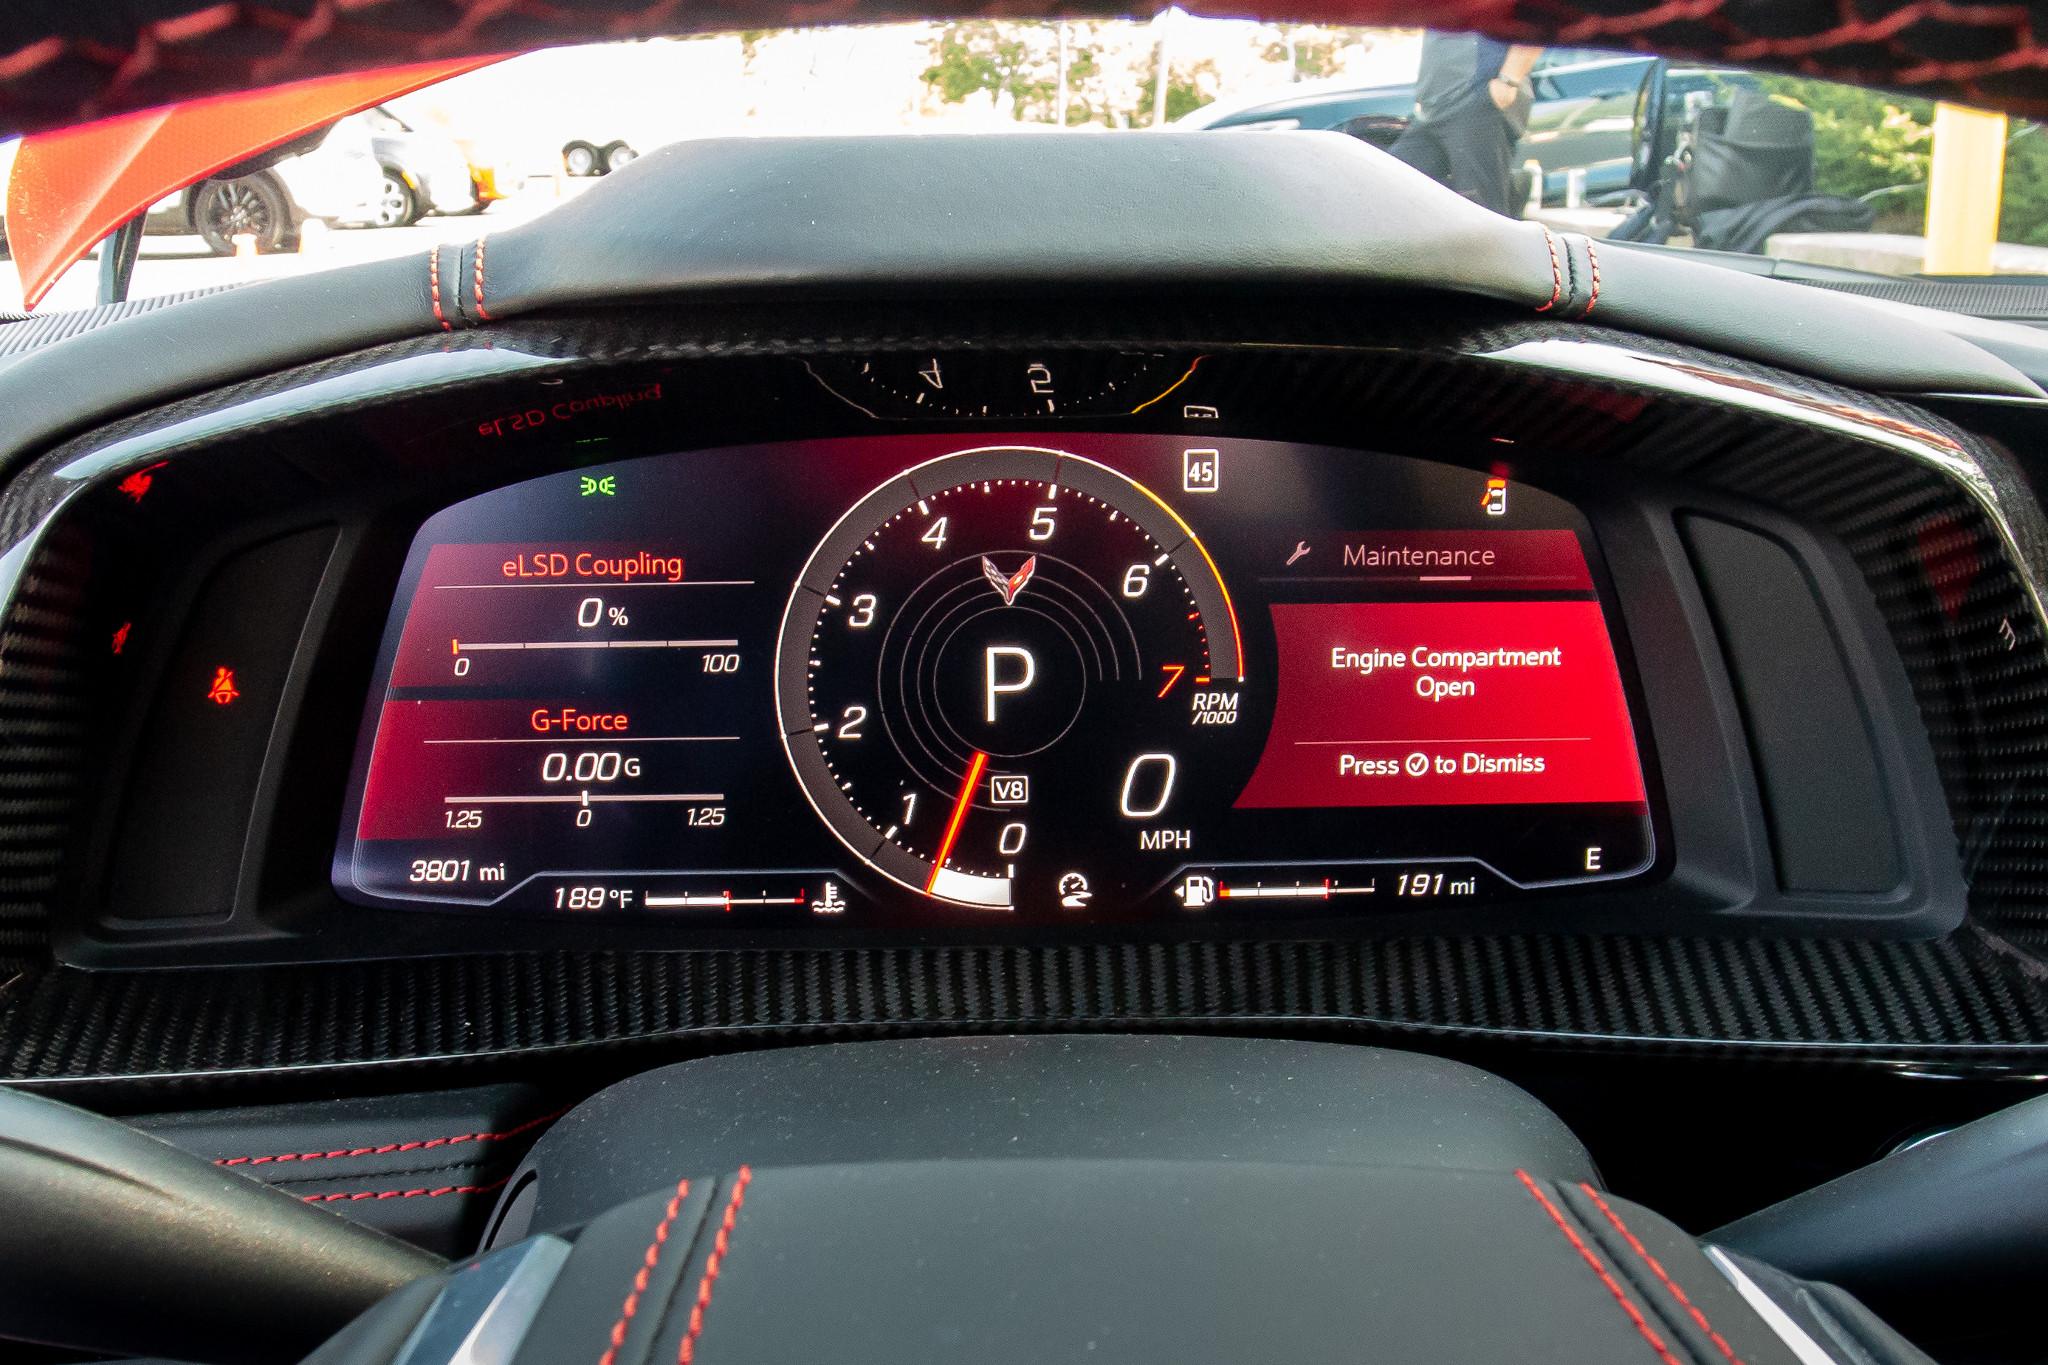 chevrolet-corvette-z51-2020-15-instrument-panel--interior.jpg